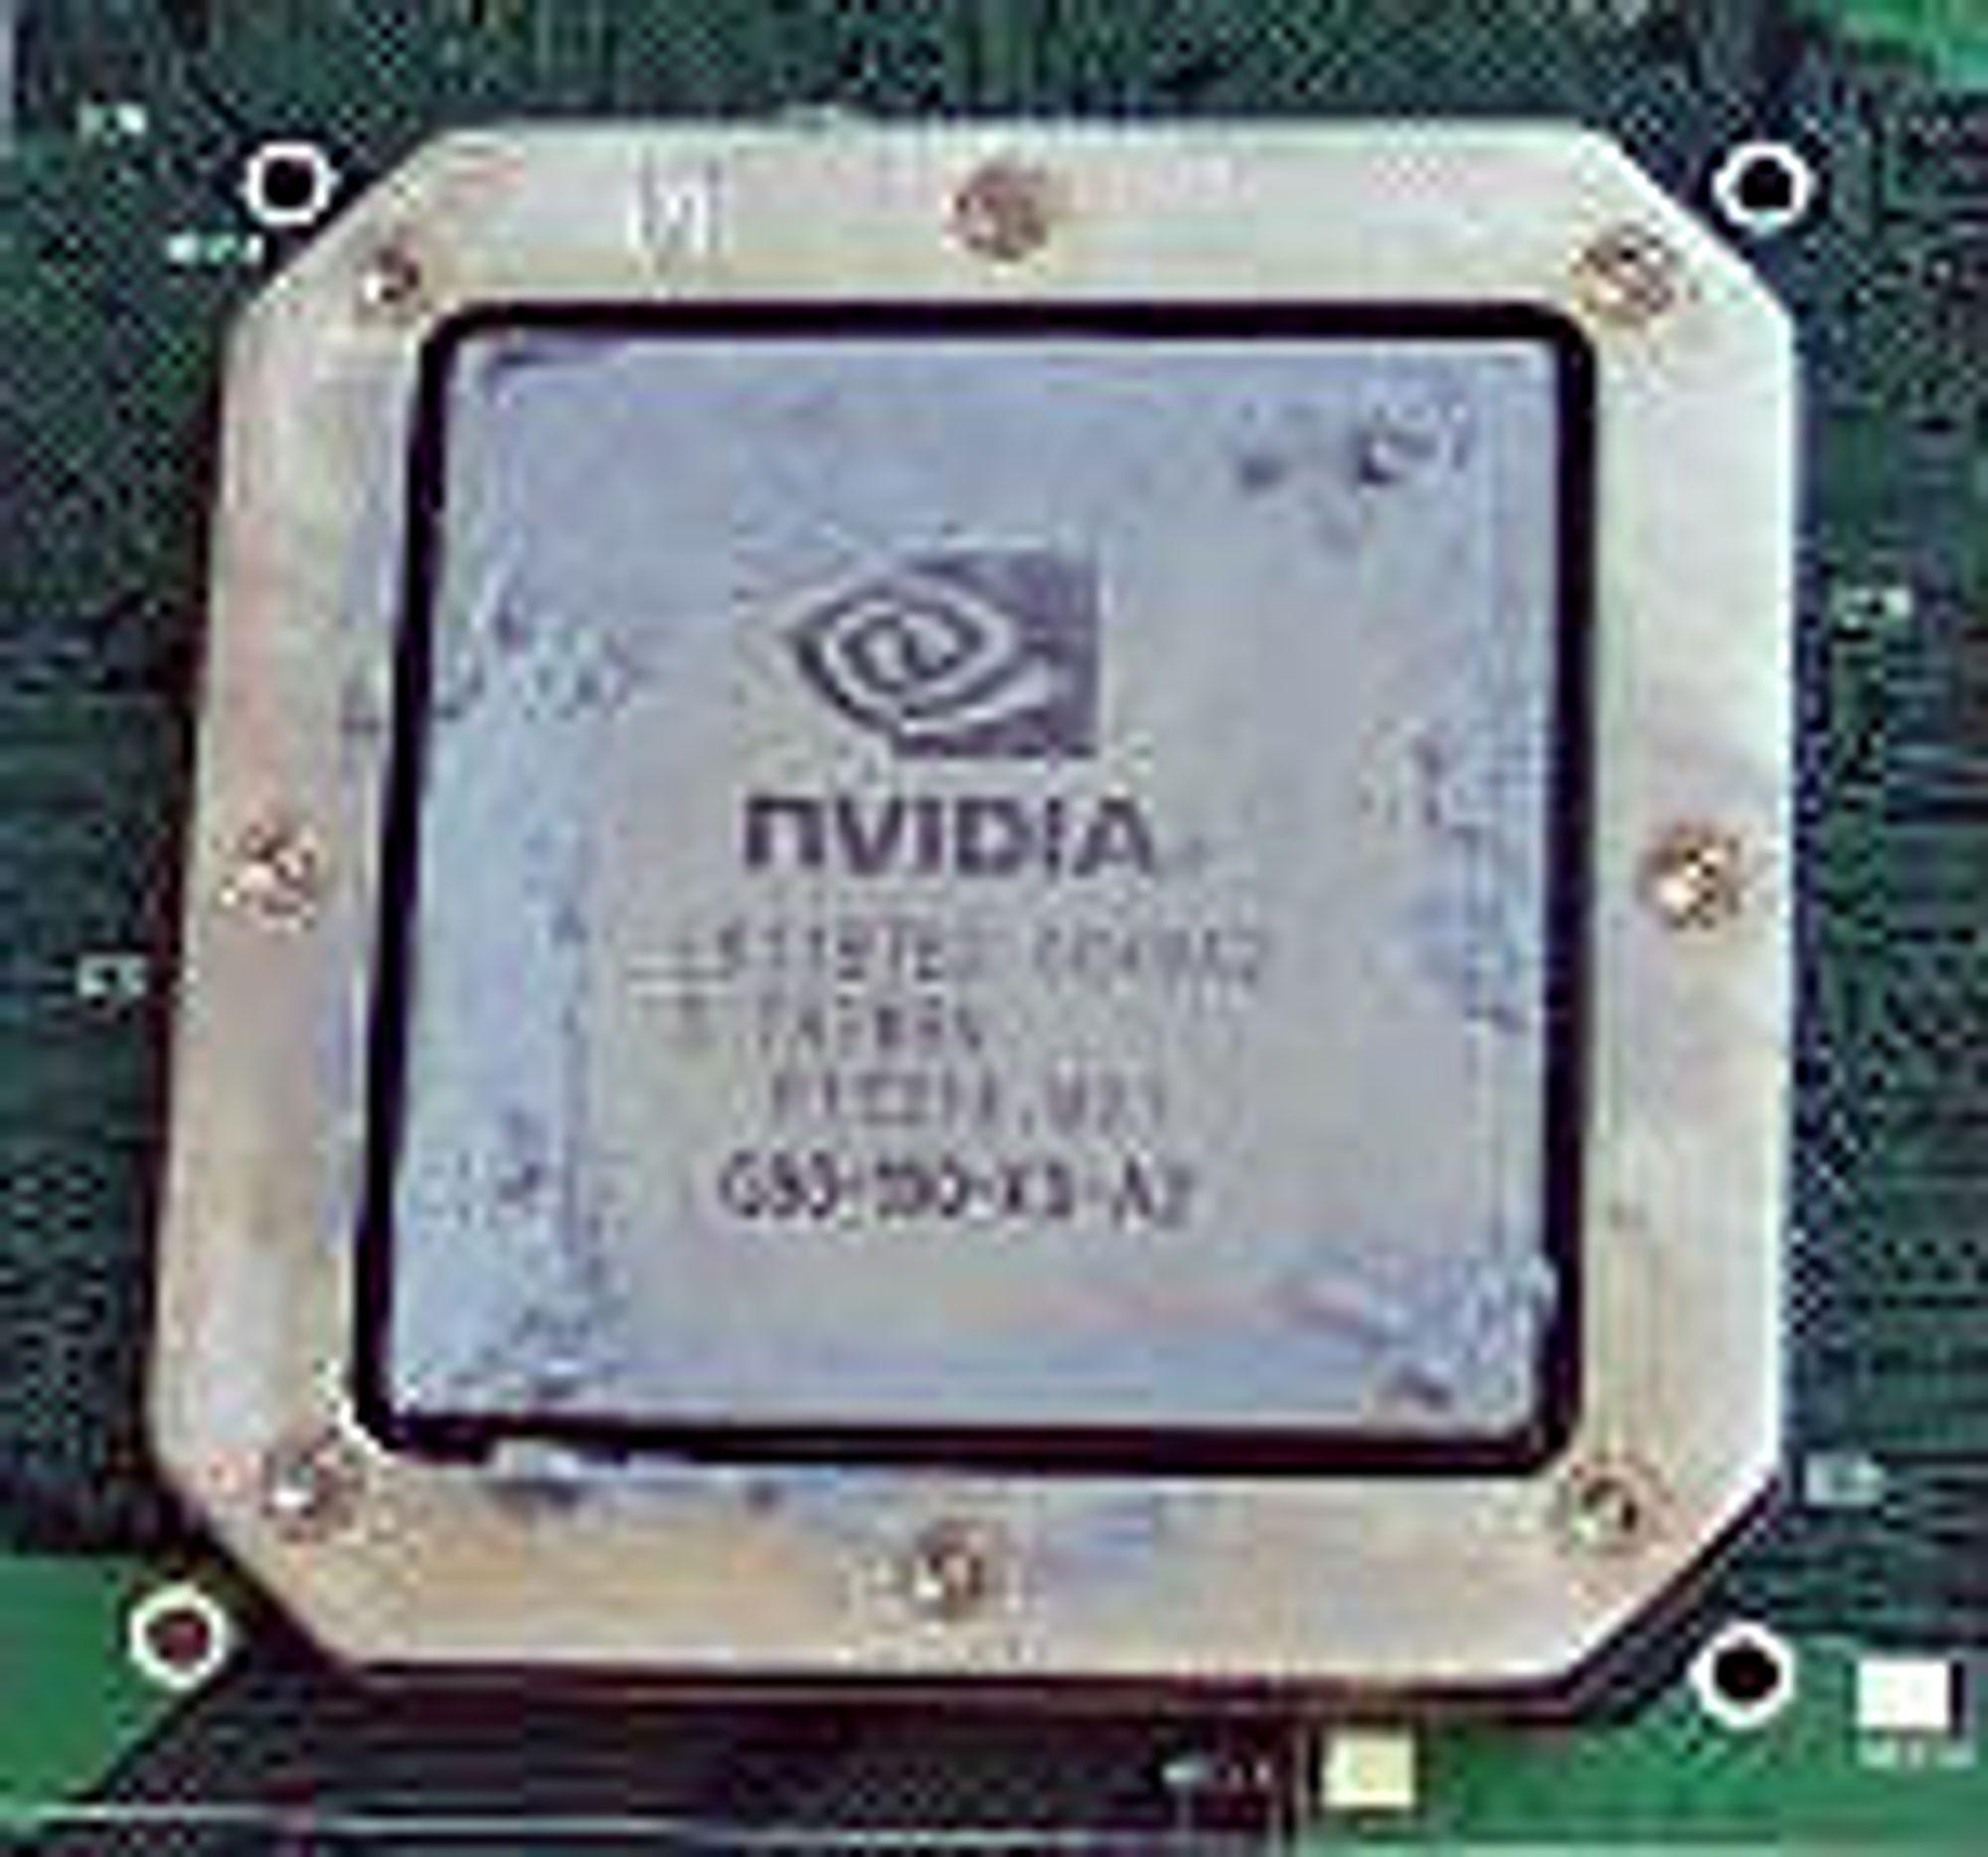 Nvidia G80: Erstattes av G90?